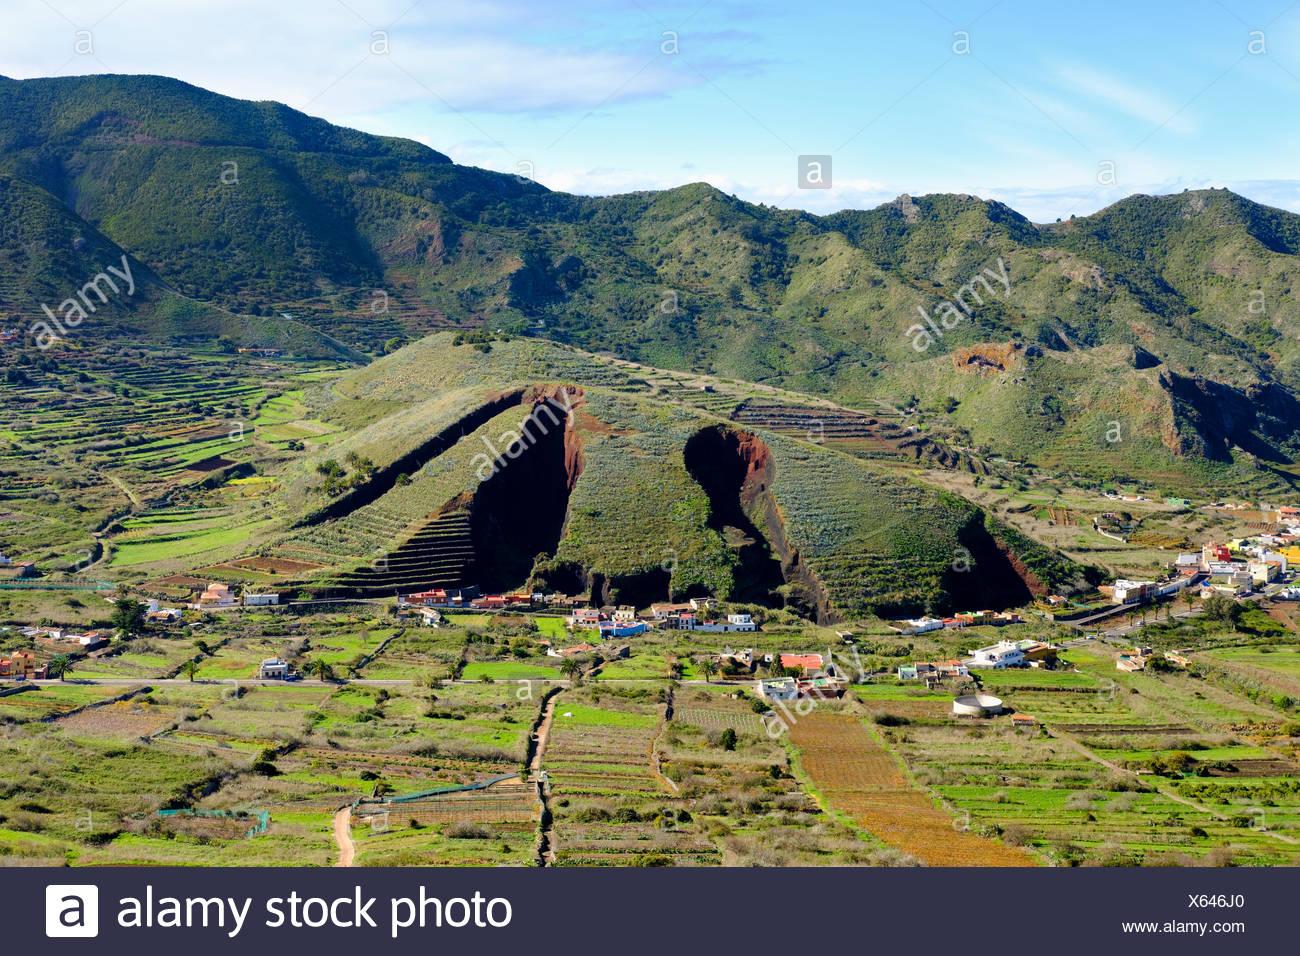 Furchen durch Lavakies-Abbau, Montaña del Palmar, El Palmar, bei Buenavista del Norte, Teno-Gebirge, Parque Rural de Teno, Teneriffa, Kanarische Insel - Stock Image